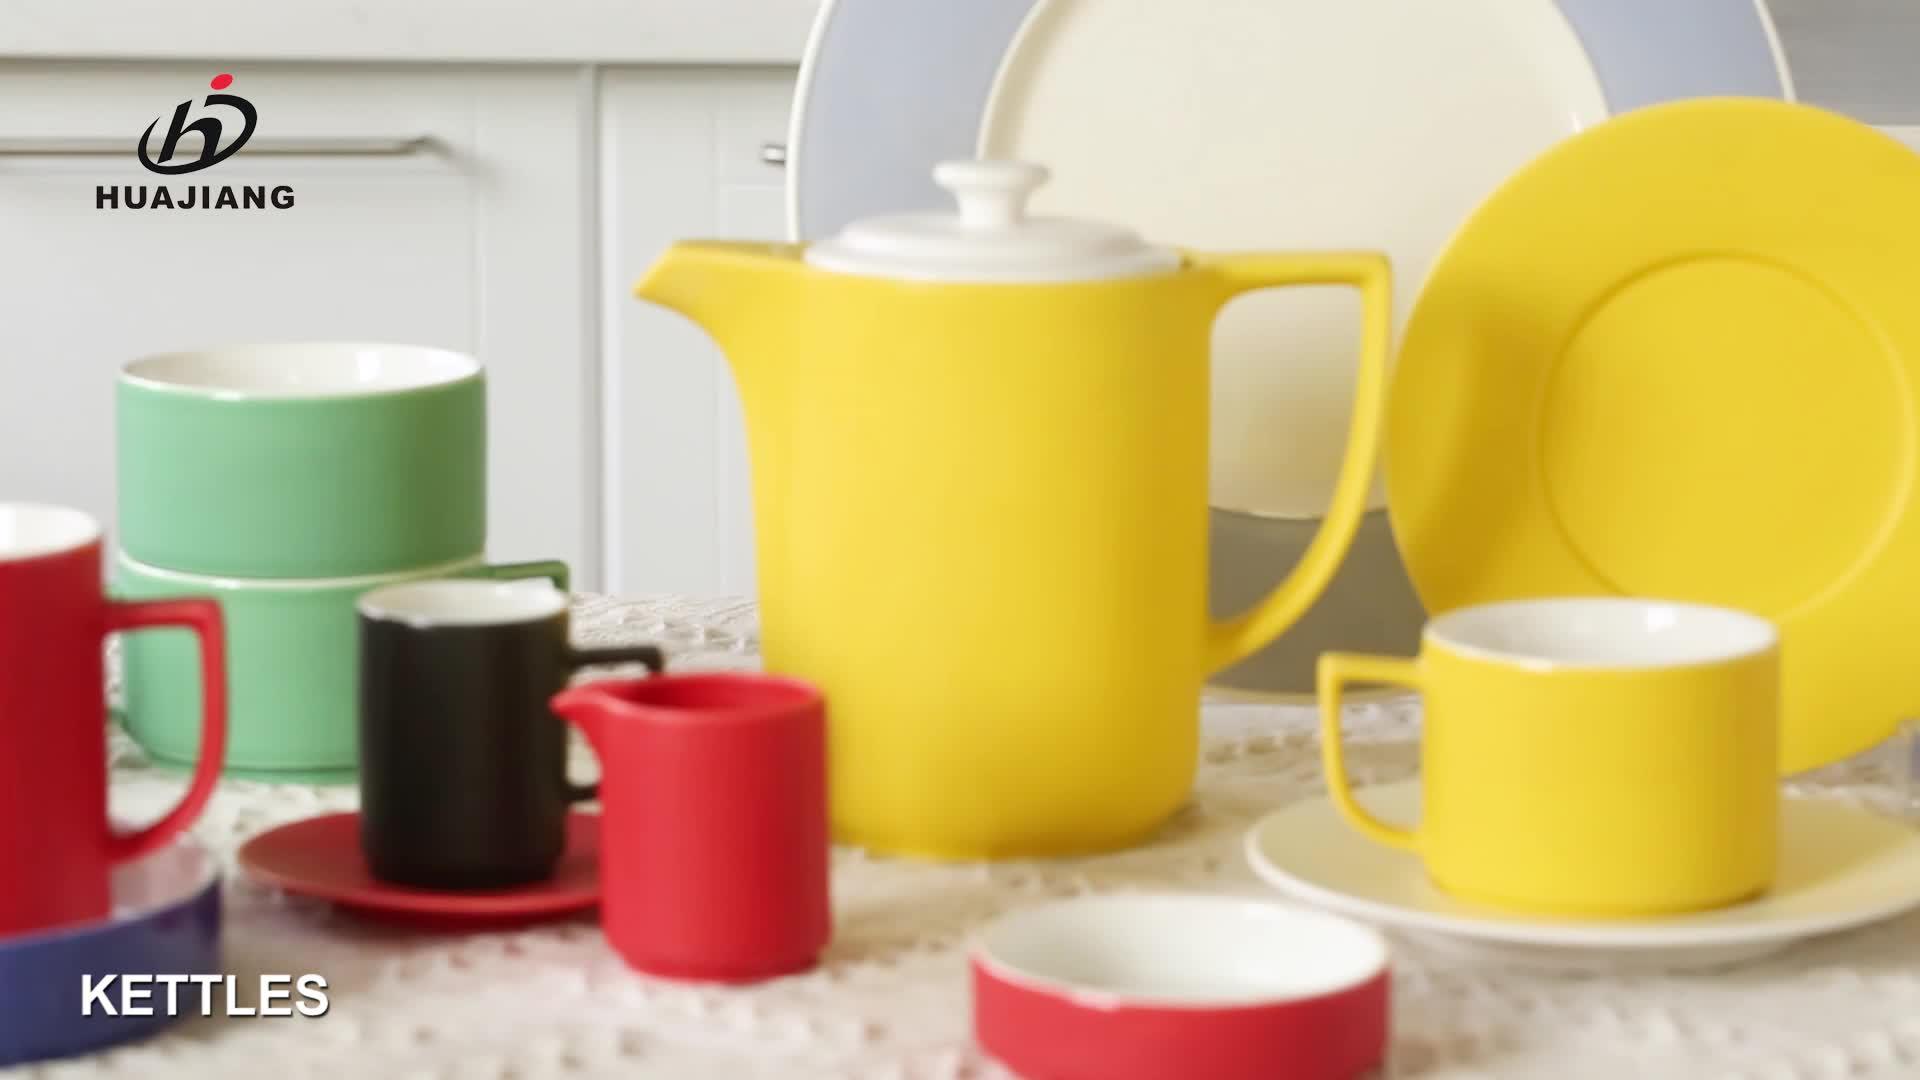 Phong cách ngắn gọn số lượng lớn tùy chỉnh biểu tượng màu đỏ sứ latte cà phê trà cup đối với trang chủ